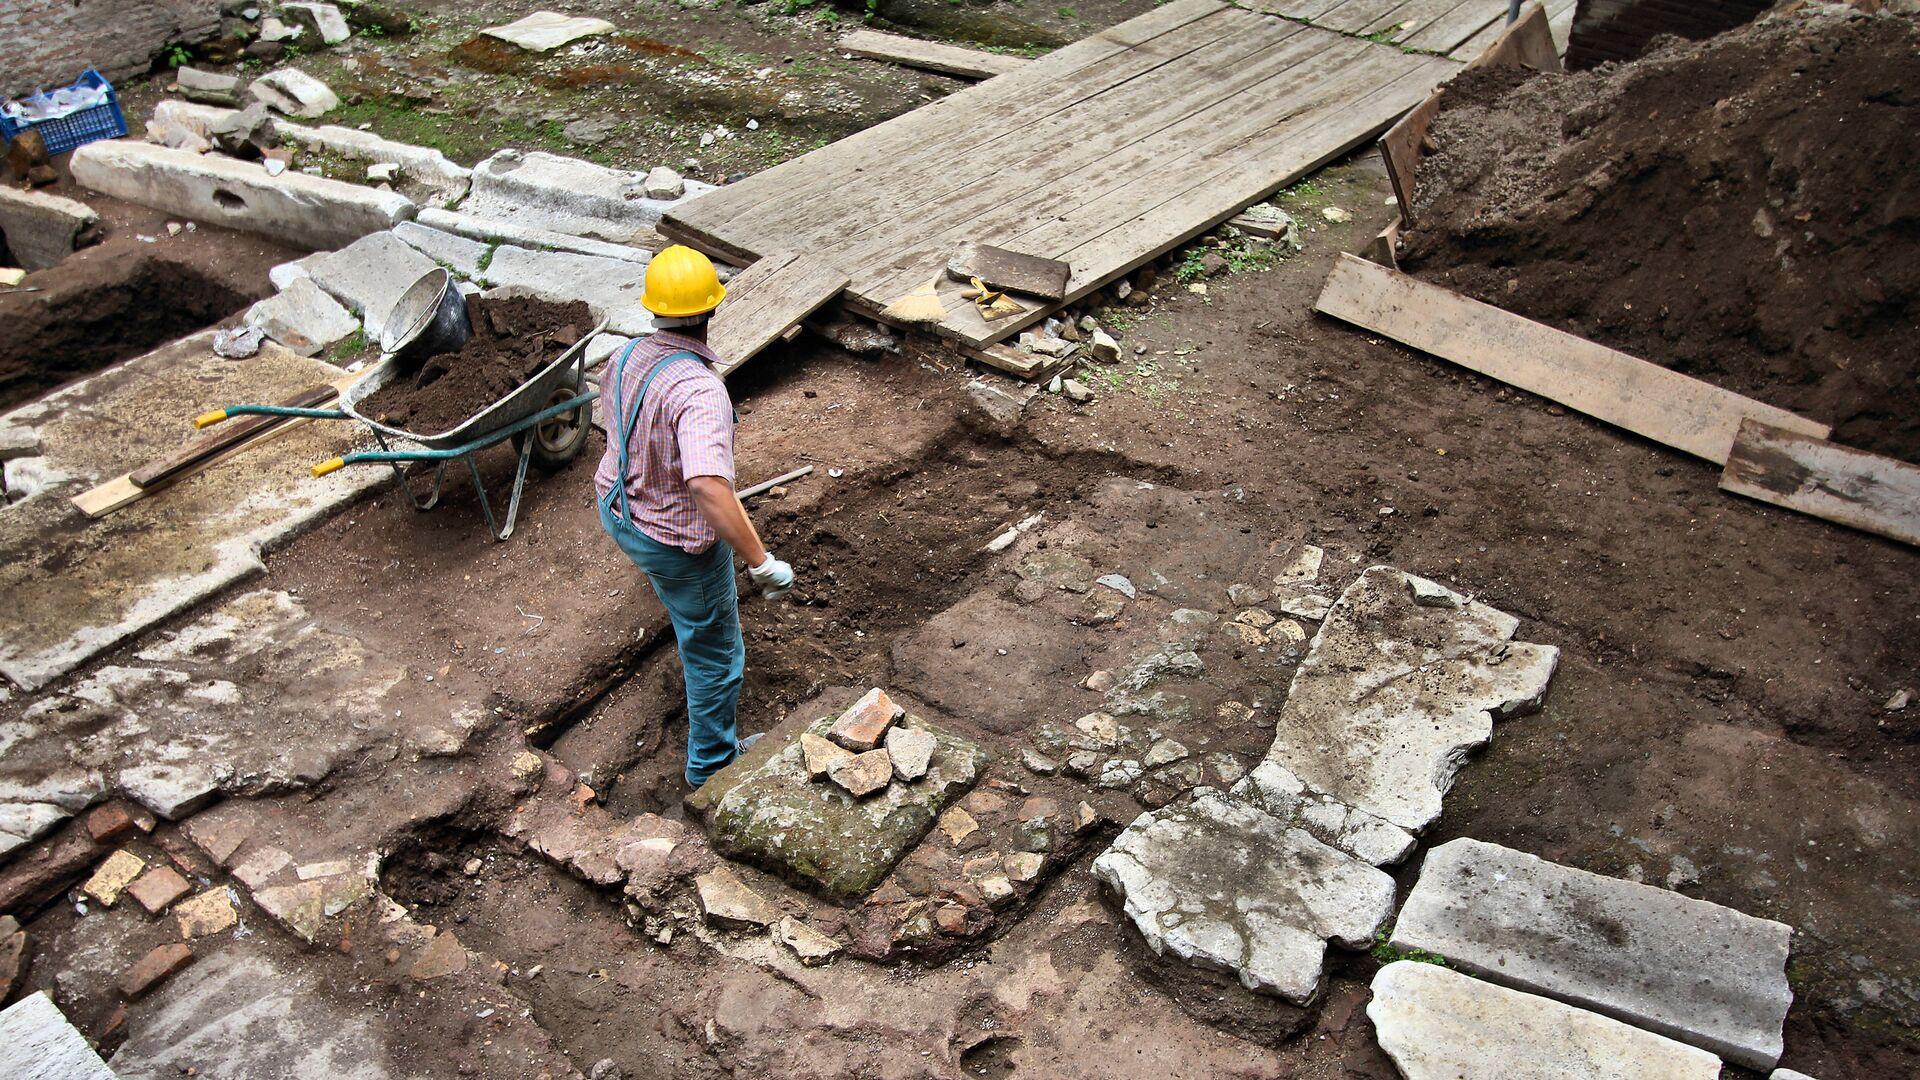 Археологические раскопки - РИА Новости, 1920, 30.09.2021